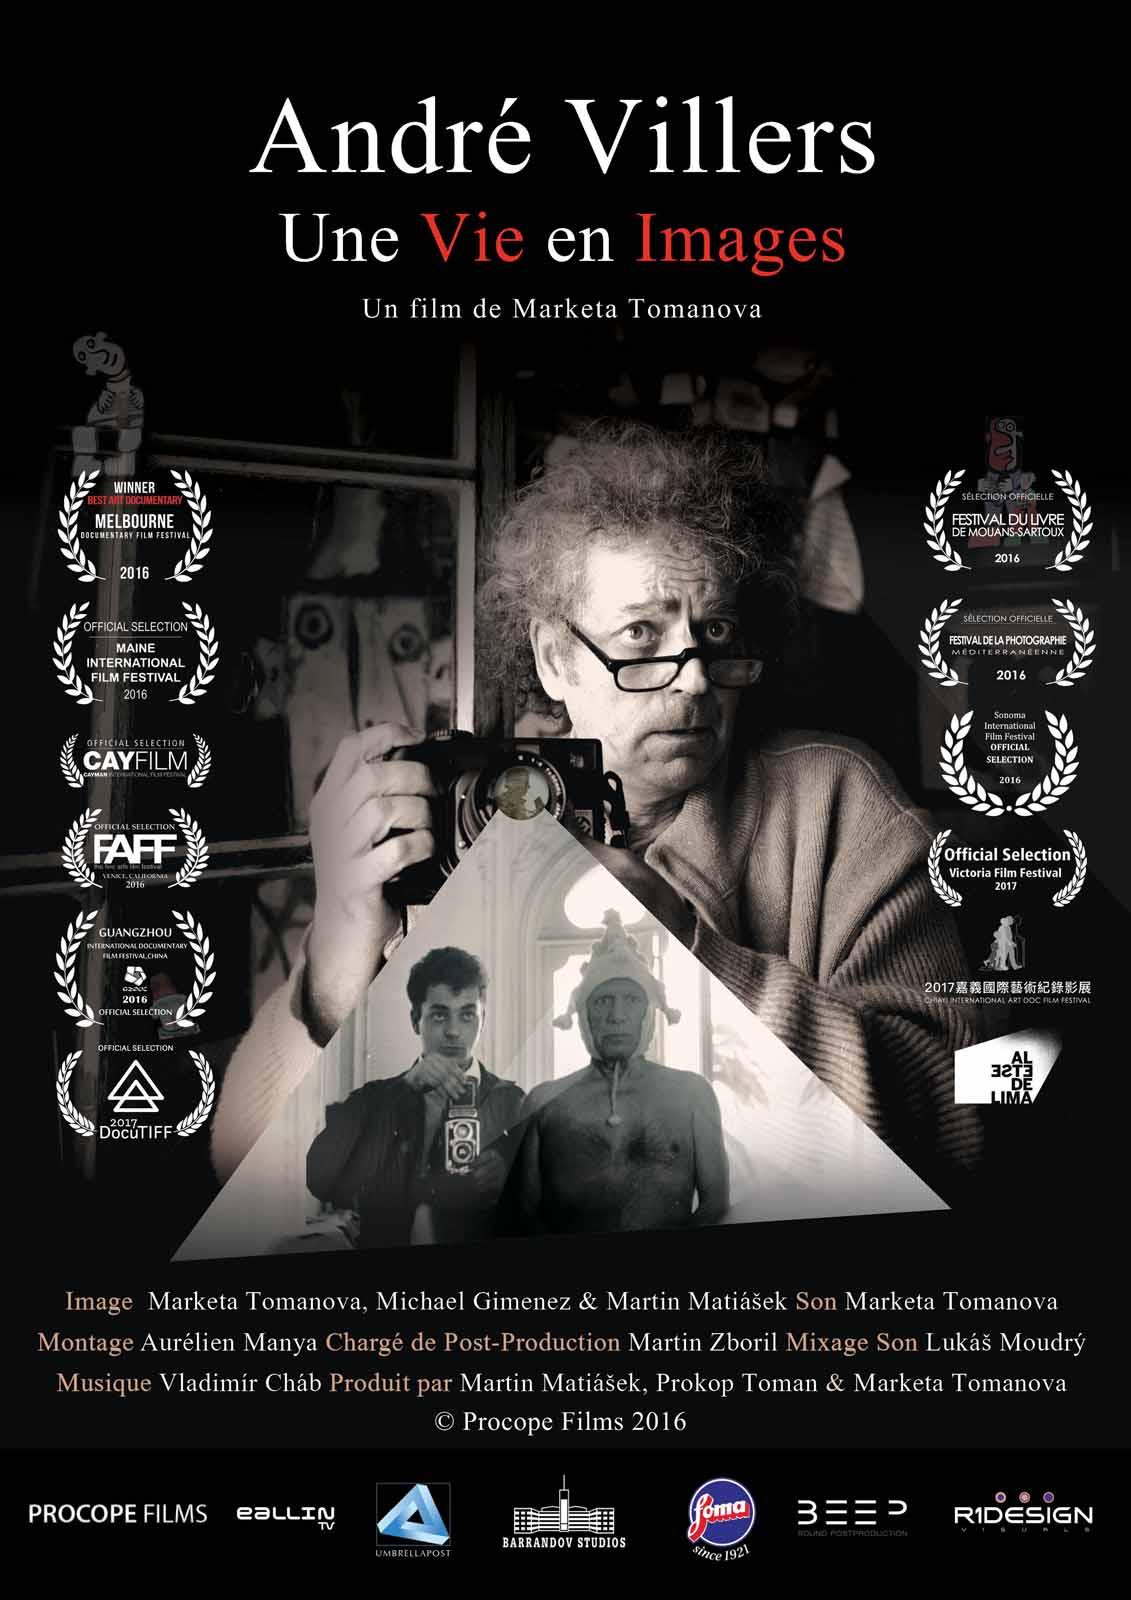 André Villers, Une Vie en Images